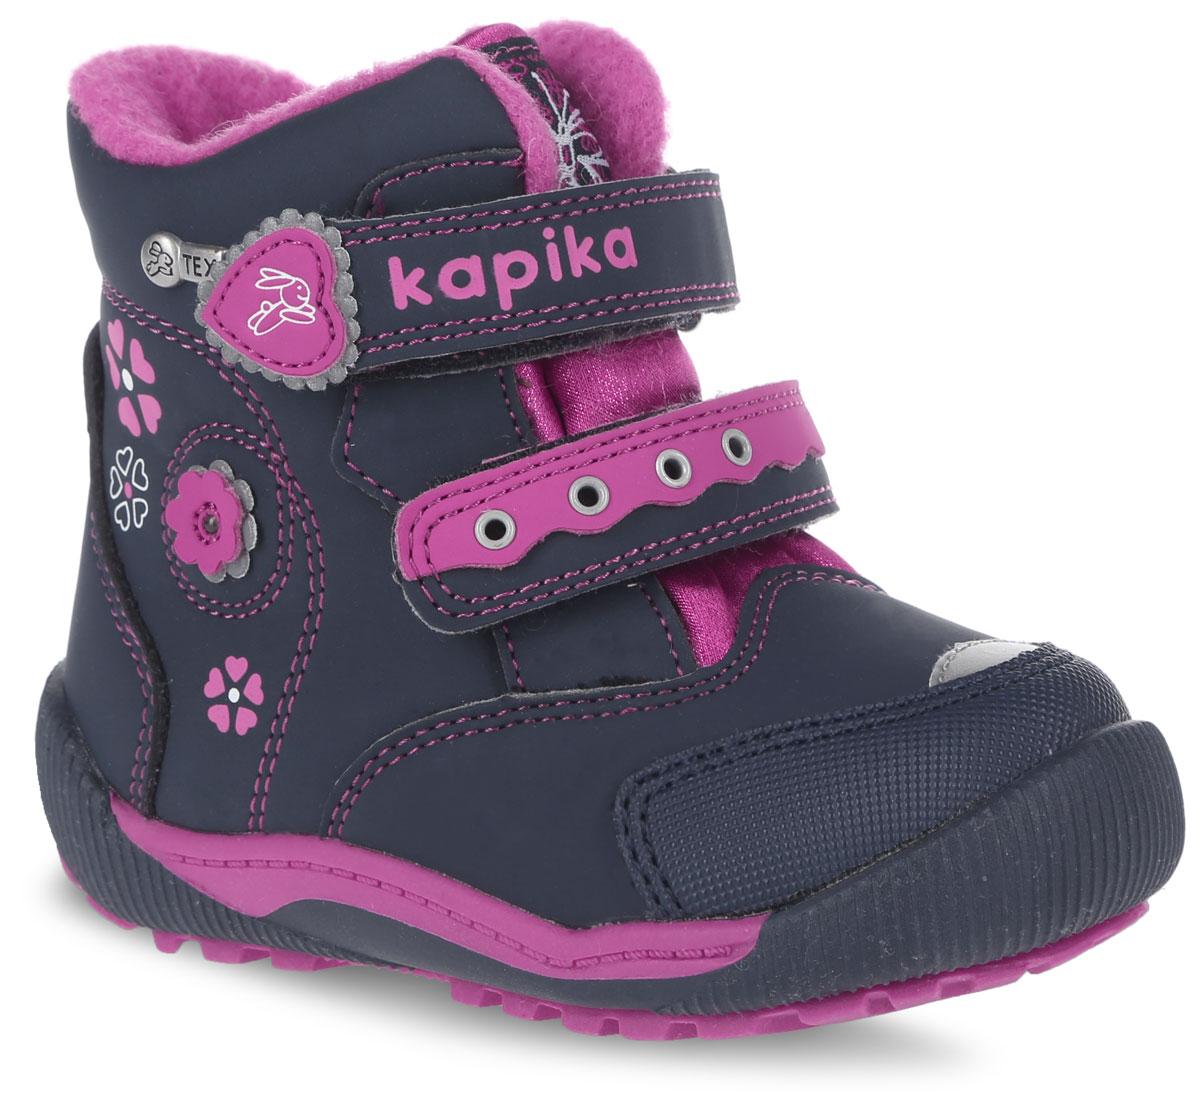 41145-1Удобные высокие ботинки от Kapika придутся по душе вашей дочурке! Модель изготовлена из искусственной кожи и текстиля с применением мембраны. Мембранная обувь называется дышащей, защищает от влаги, своевременно отводит естественные испарения тела и сохраняет комфортный микроклимат при ношении. Изделие оформлено на тыльной стороне - цветочным принтом, объемным цветком и металлическим элементом логотипа бренда, прострочкой, на язычке - оригинальной нашивкой, на ремешках - тиснением с названием бренда, аппликацией и вставкой с люверсами. Два ремешка на застежках-липучках надежно фиксируют изделие на ноге. Мягкая подкладка и стелька исполненные из текстиля, на 80% состоящего из натурального овечьего шерстяного меха, обеспечивают тепло и надежно защищают от холода. Рифление на подошве гарантирует идеальное сцепление с любыми поверхностями. Стильные ботинки займут достойное место в гардеробе вашего ребенка, они идеально подойдут для теплой зимы, а также поздней осени и ранней...